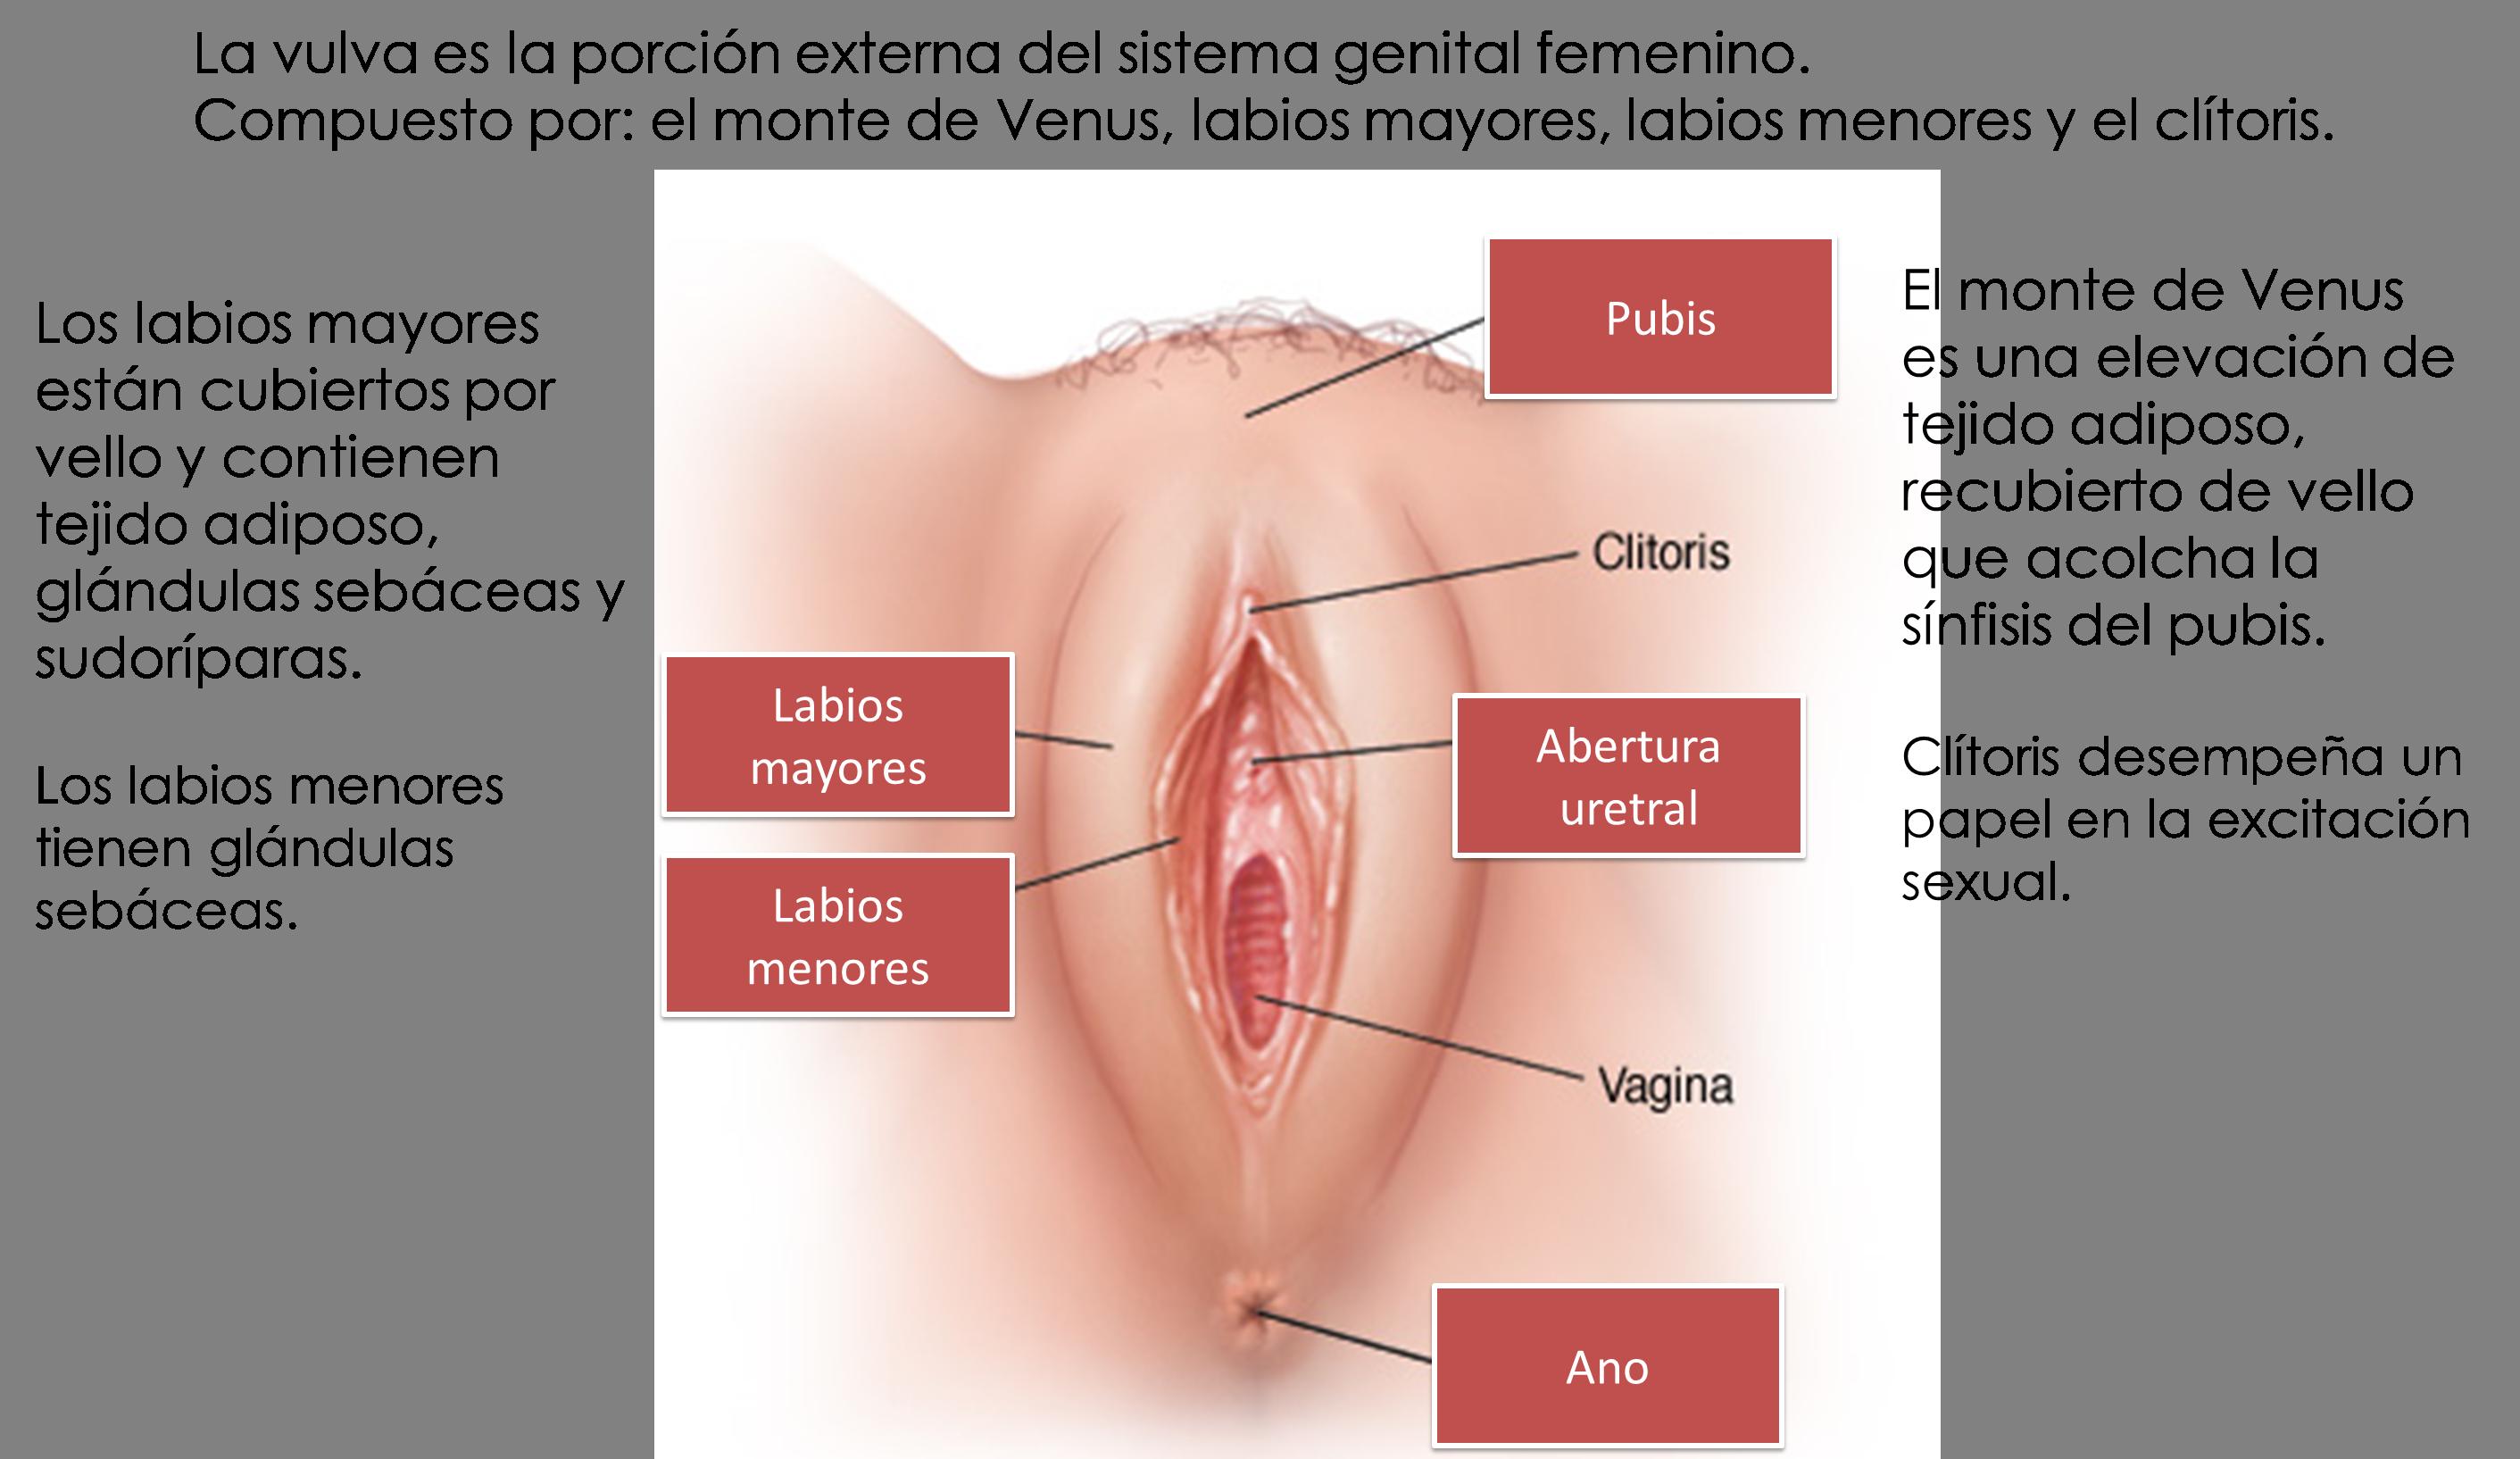 Asombroso Vulva Femenina Humana Adorno - Anatomía de Las Imágenesdel ...